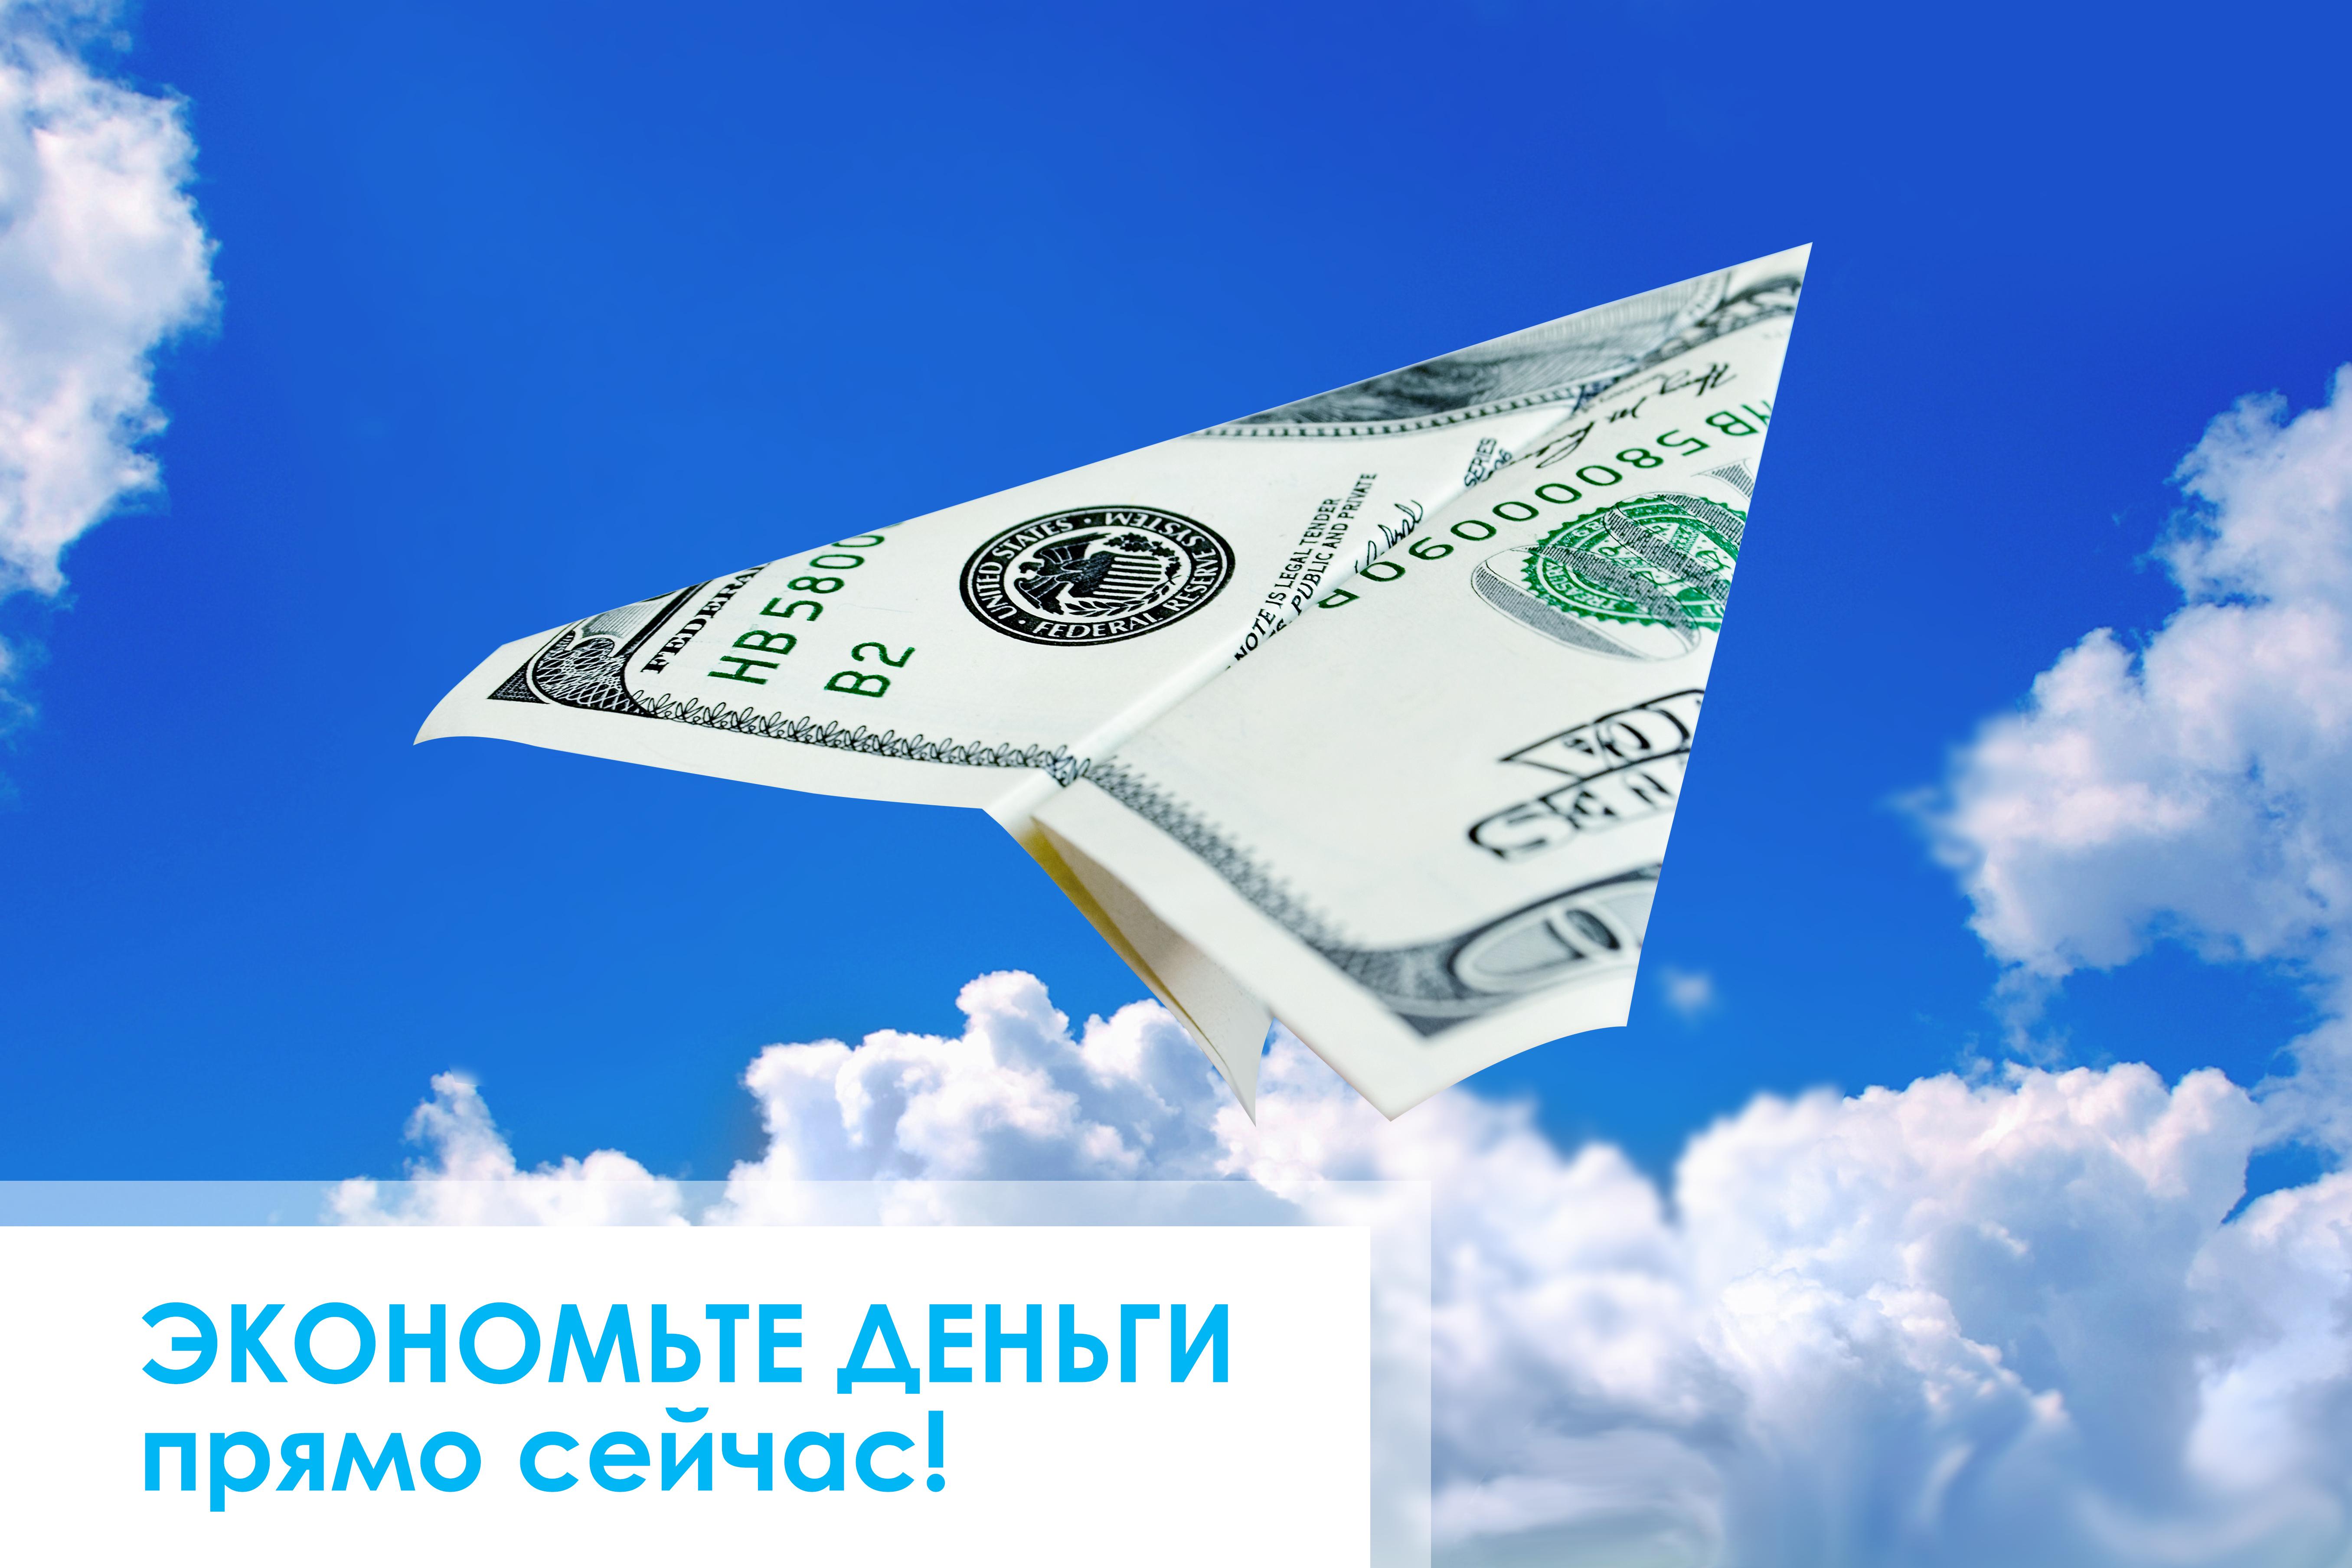 Экономьте com ru возврат денег в течение 30